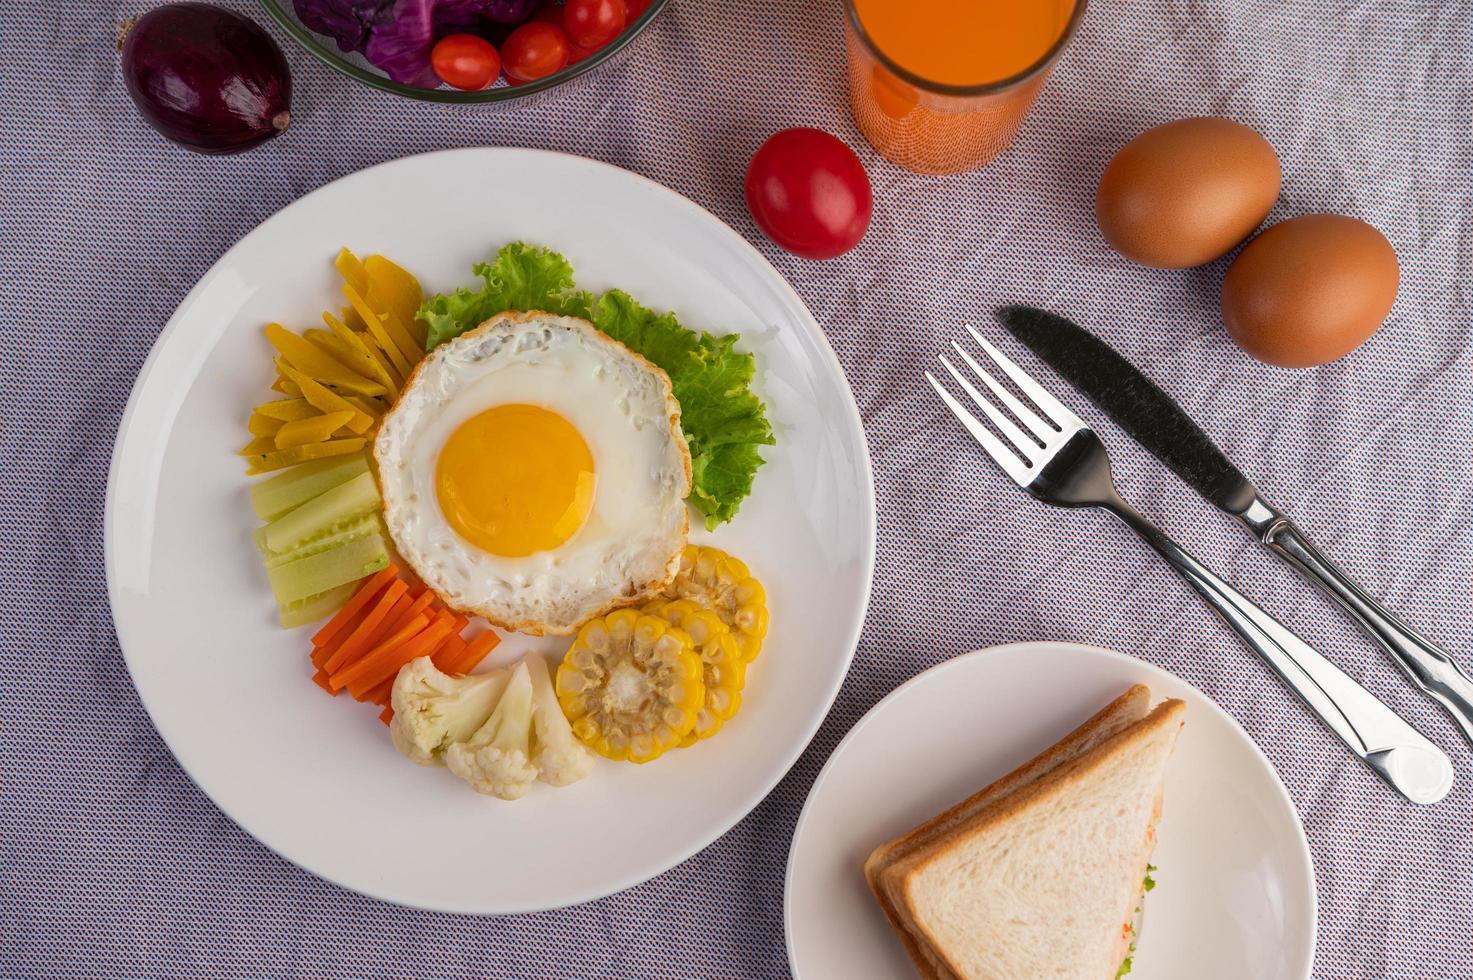 Desayuno de huevo frito con verduras y jugo. foto